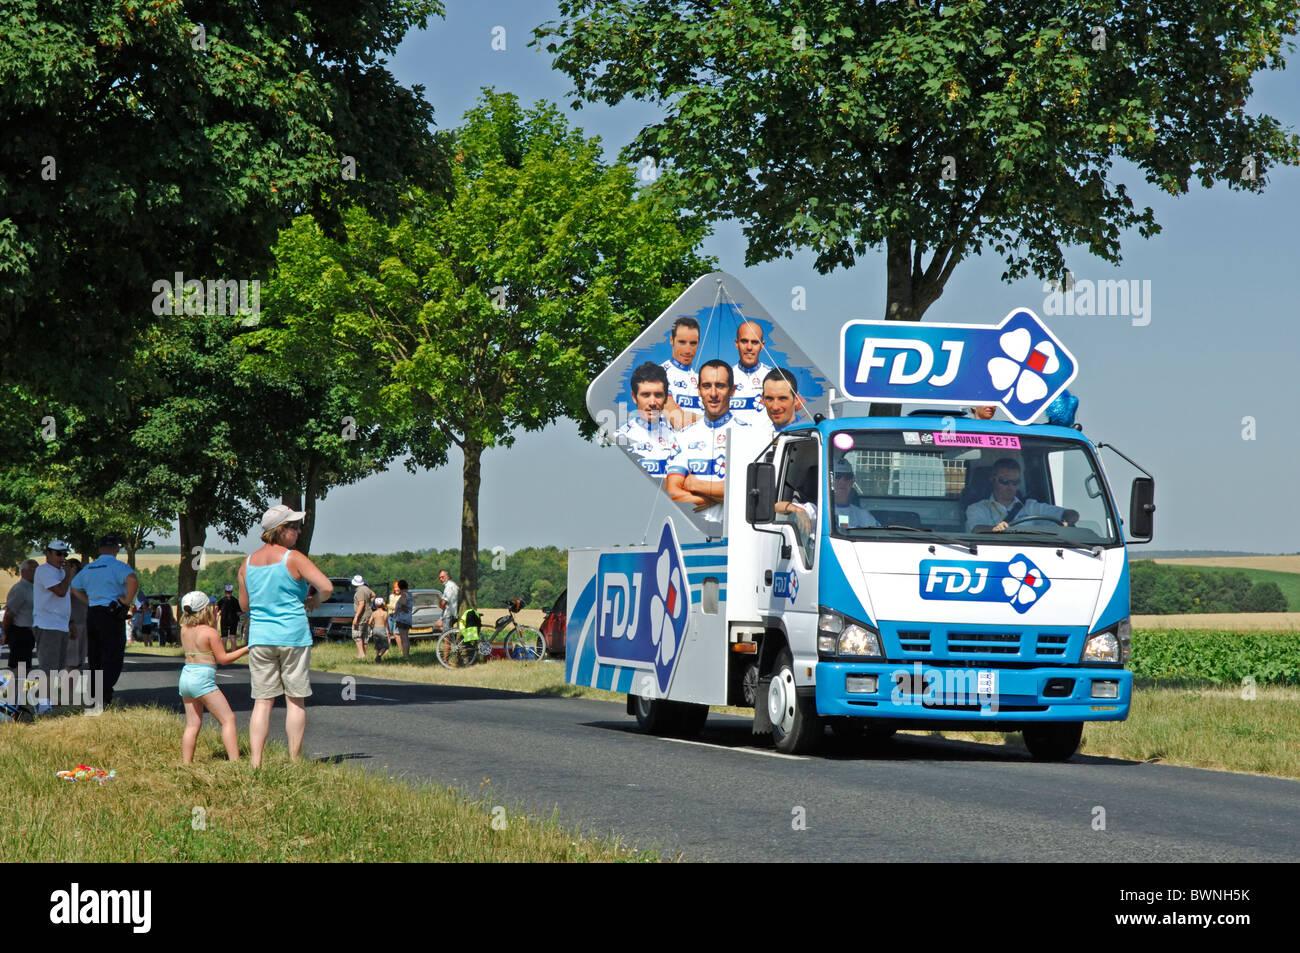 France de Jeux, FDJ, vehicle in the Tour de France publicity caravan near Reims in the Marne (51) departement of - Stock Image